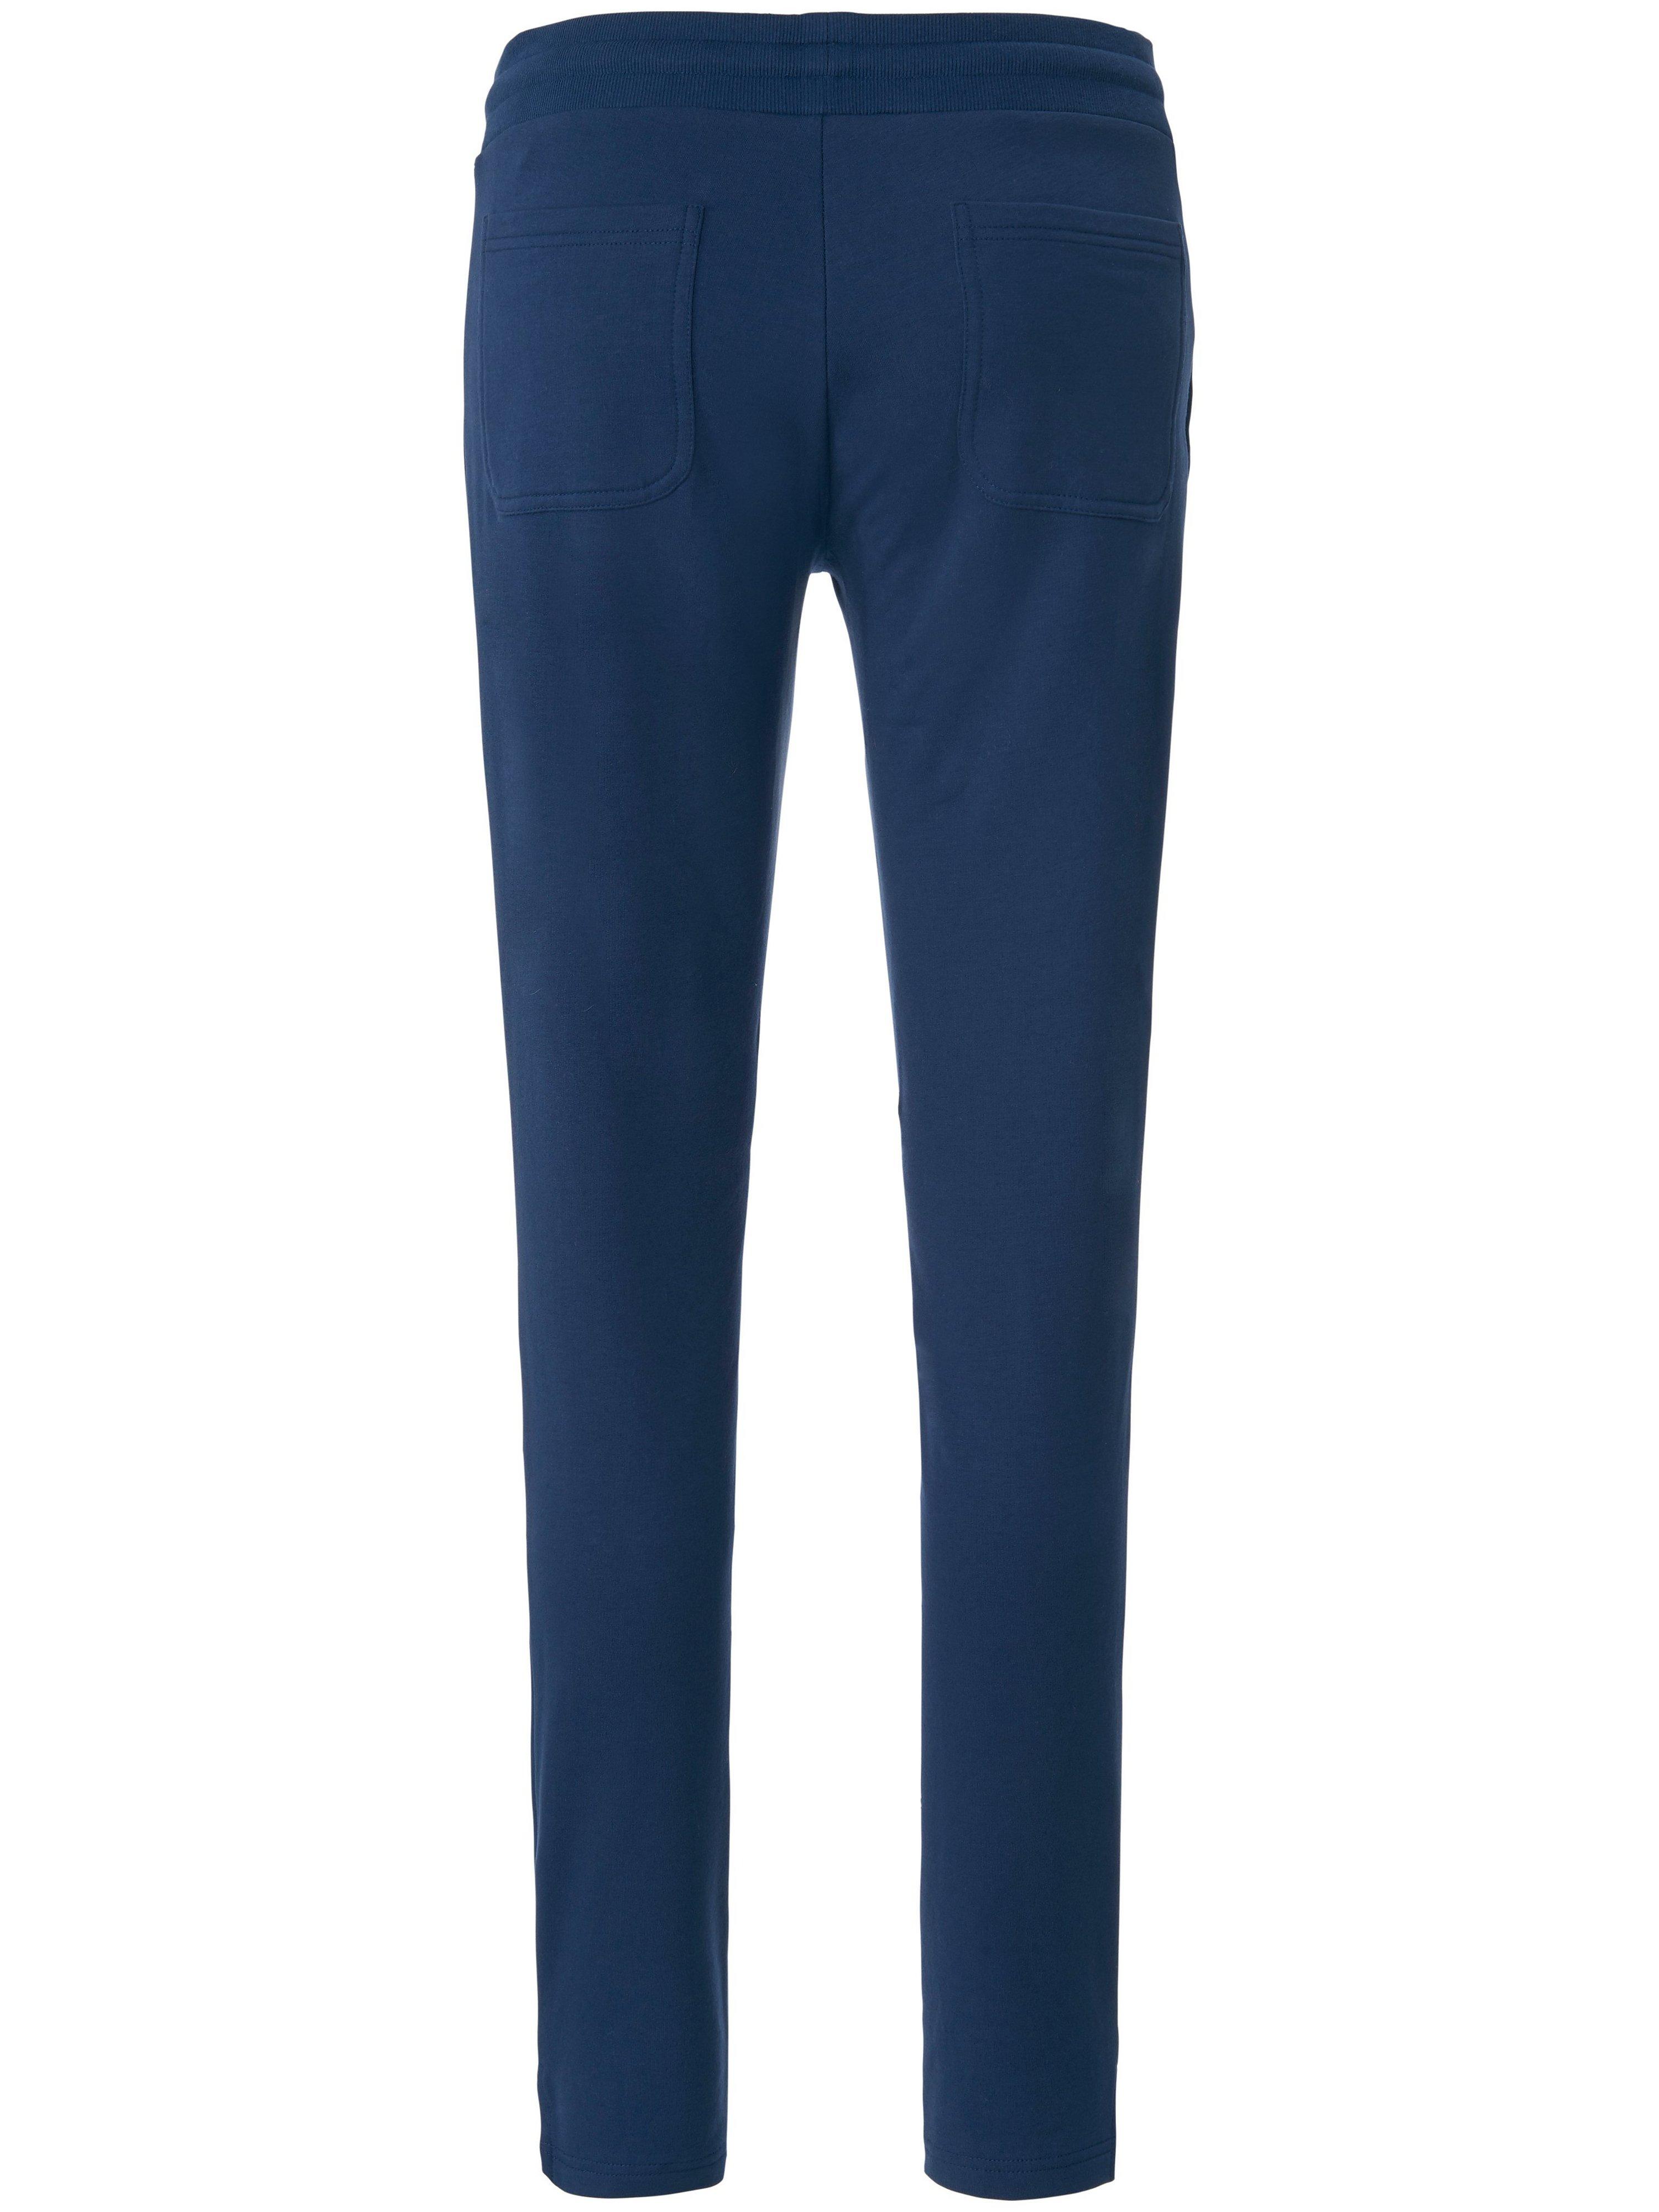 Ankellang sweatbuks elastisk linning Fra Mey blå